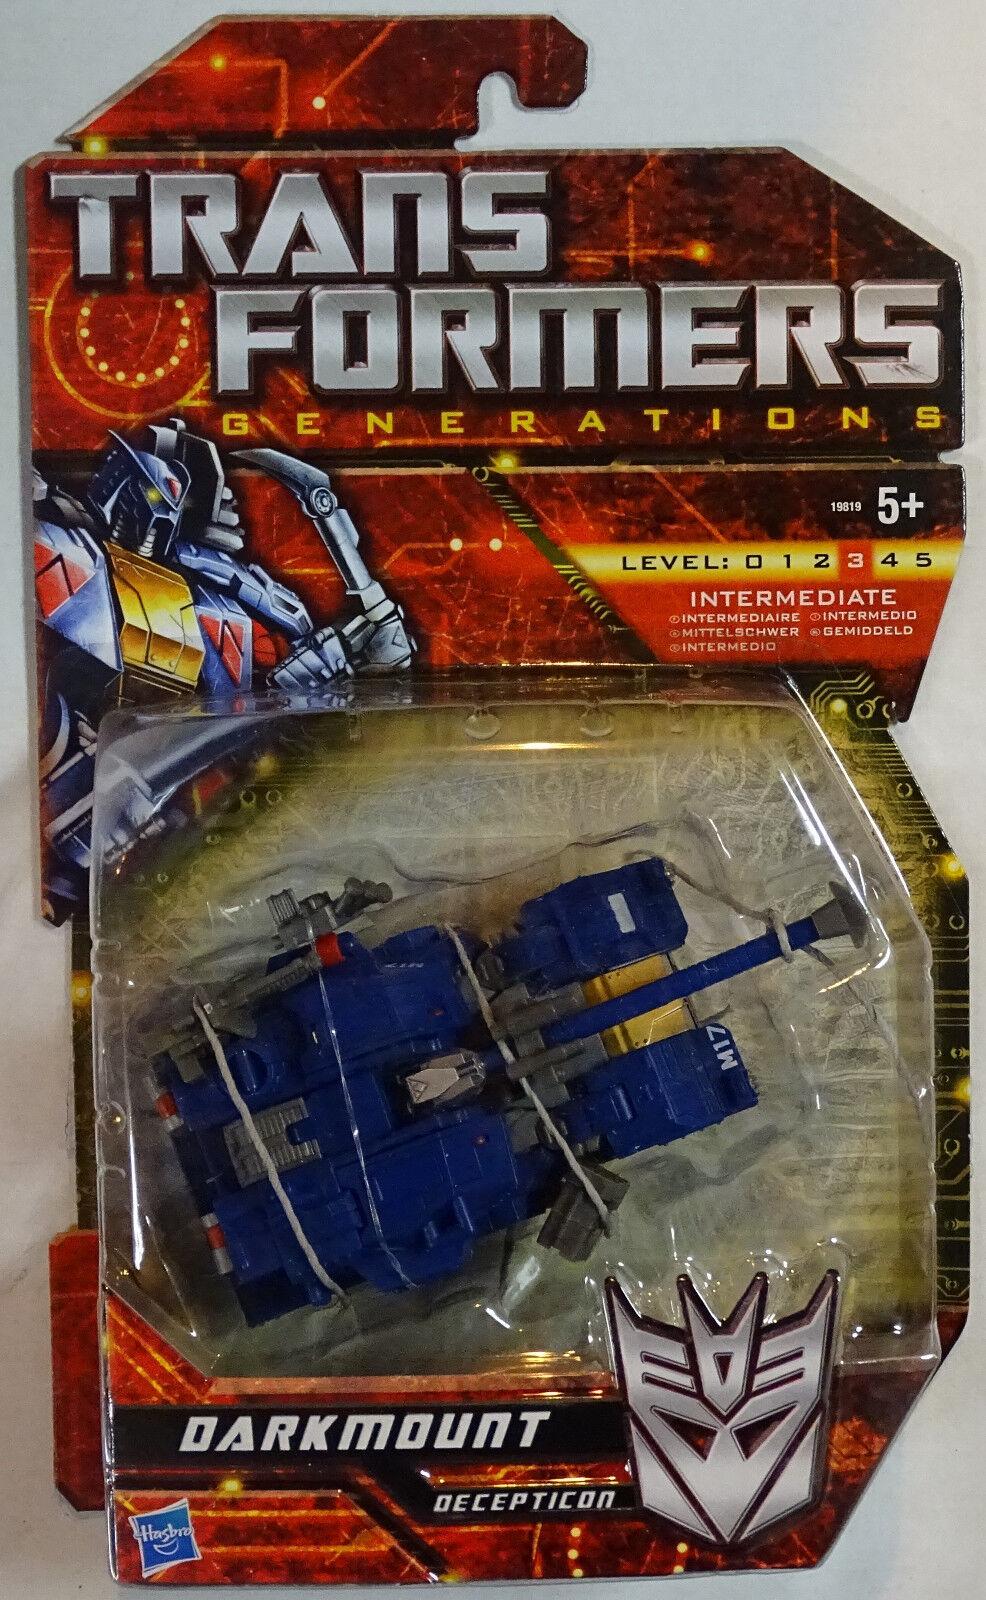 HASBRO® 19819 Transformers Generations (2010) Deluxe Darkmount